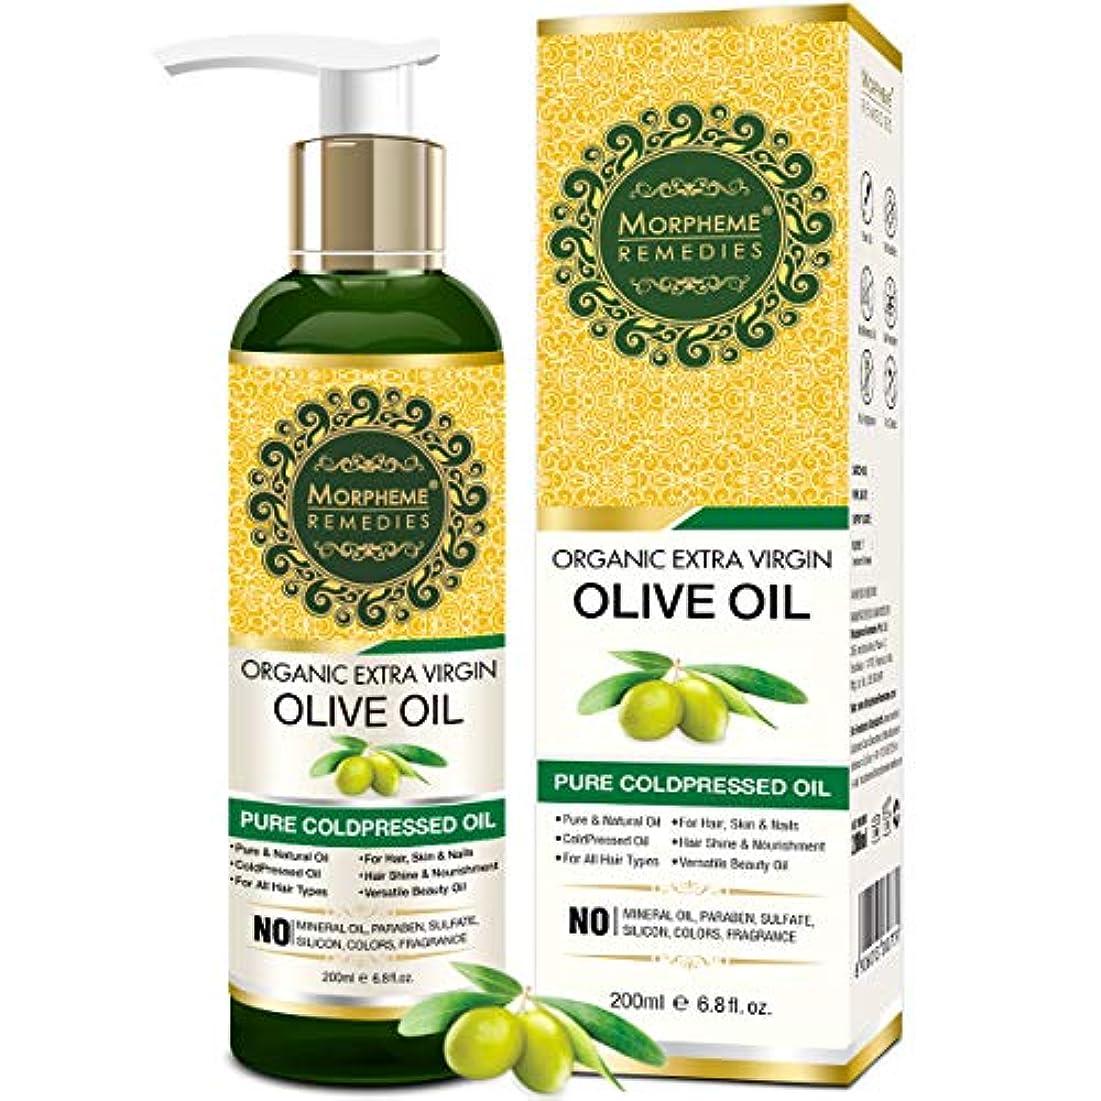 有名混乱したベーリング海峡Morpheme Remedies Organic Extra Virgin Olive Oil (Pure ColdPressed Oil) For Hair, Body, Skin Care, Massage, Eyelashes...